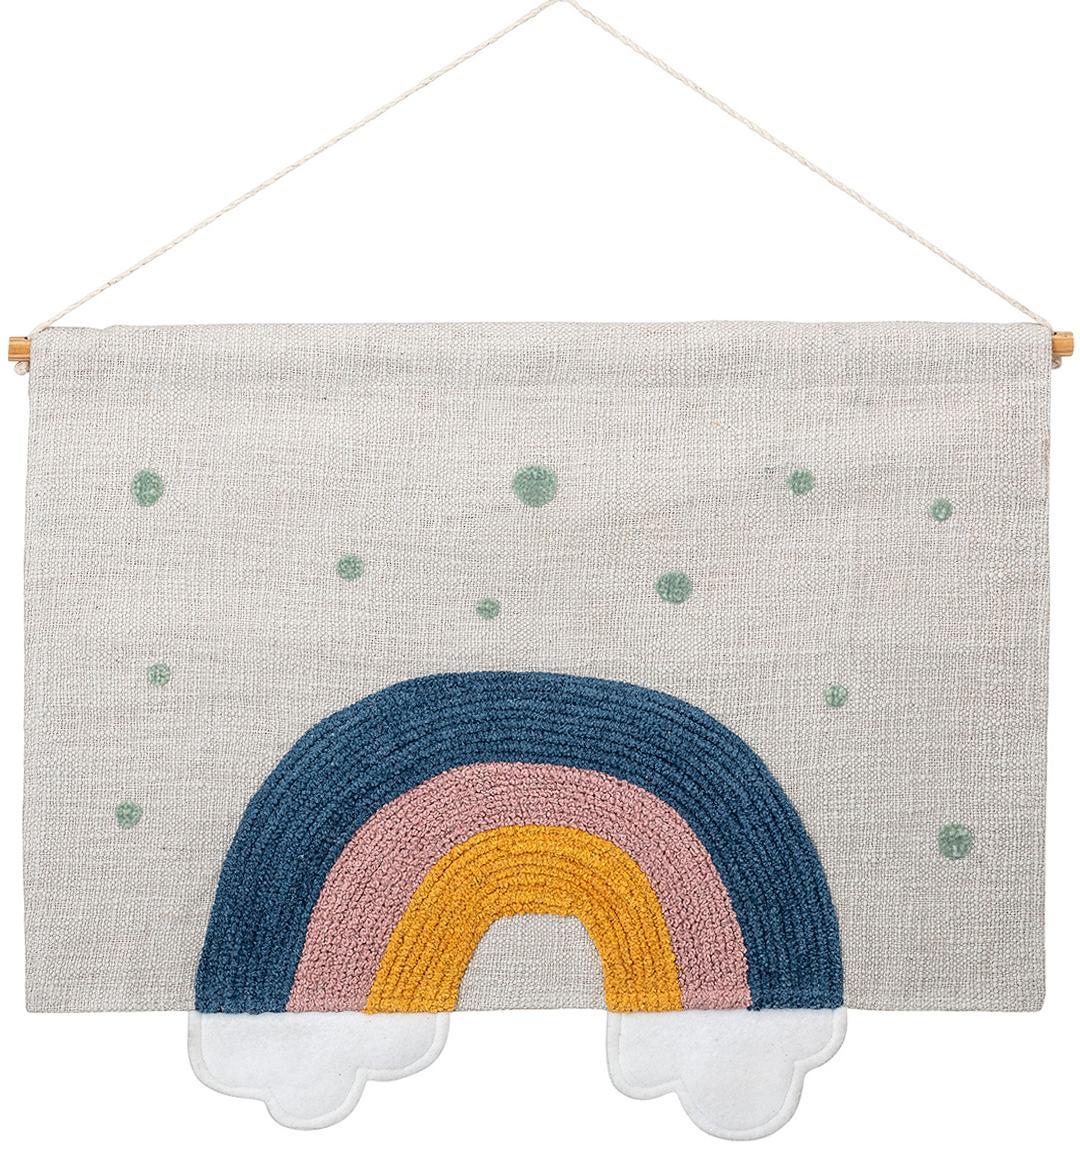 Decorazione da parete Rainbow, Cotone, Bianco, blu, giallo, verde, Larg. 60 x Alt. 49 cm